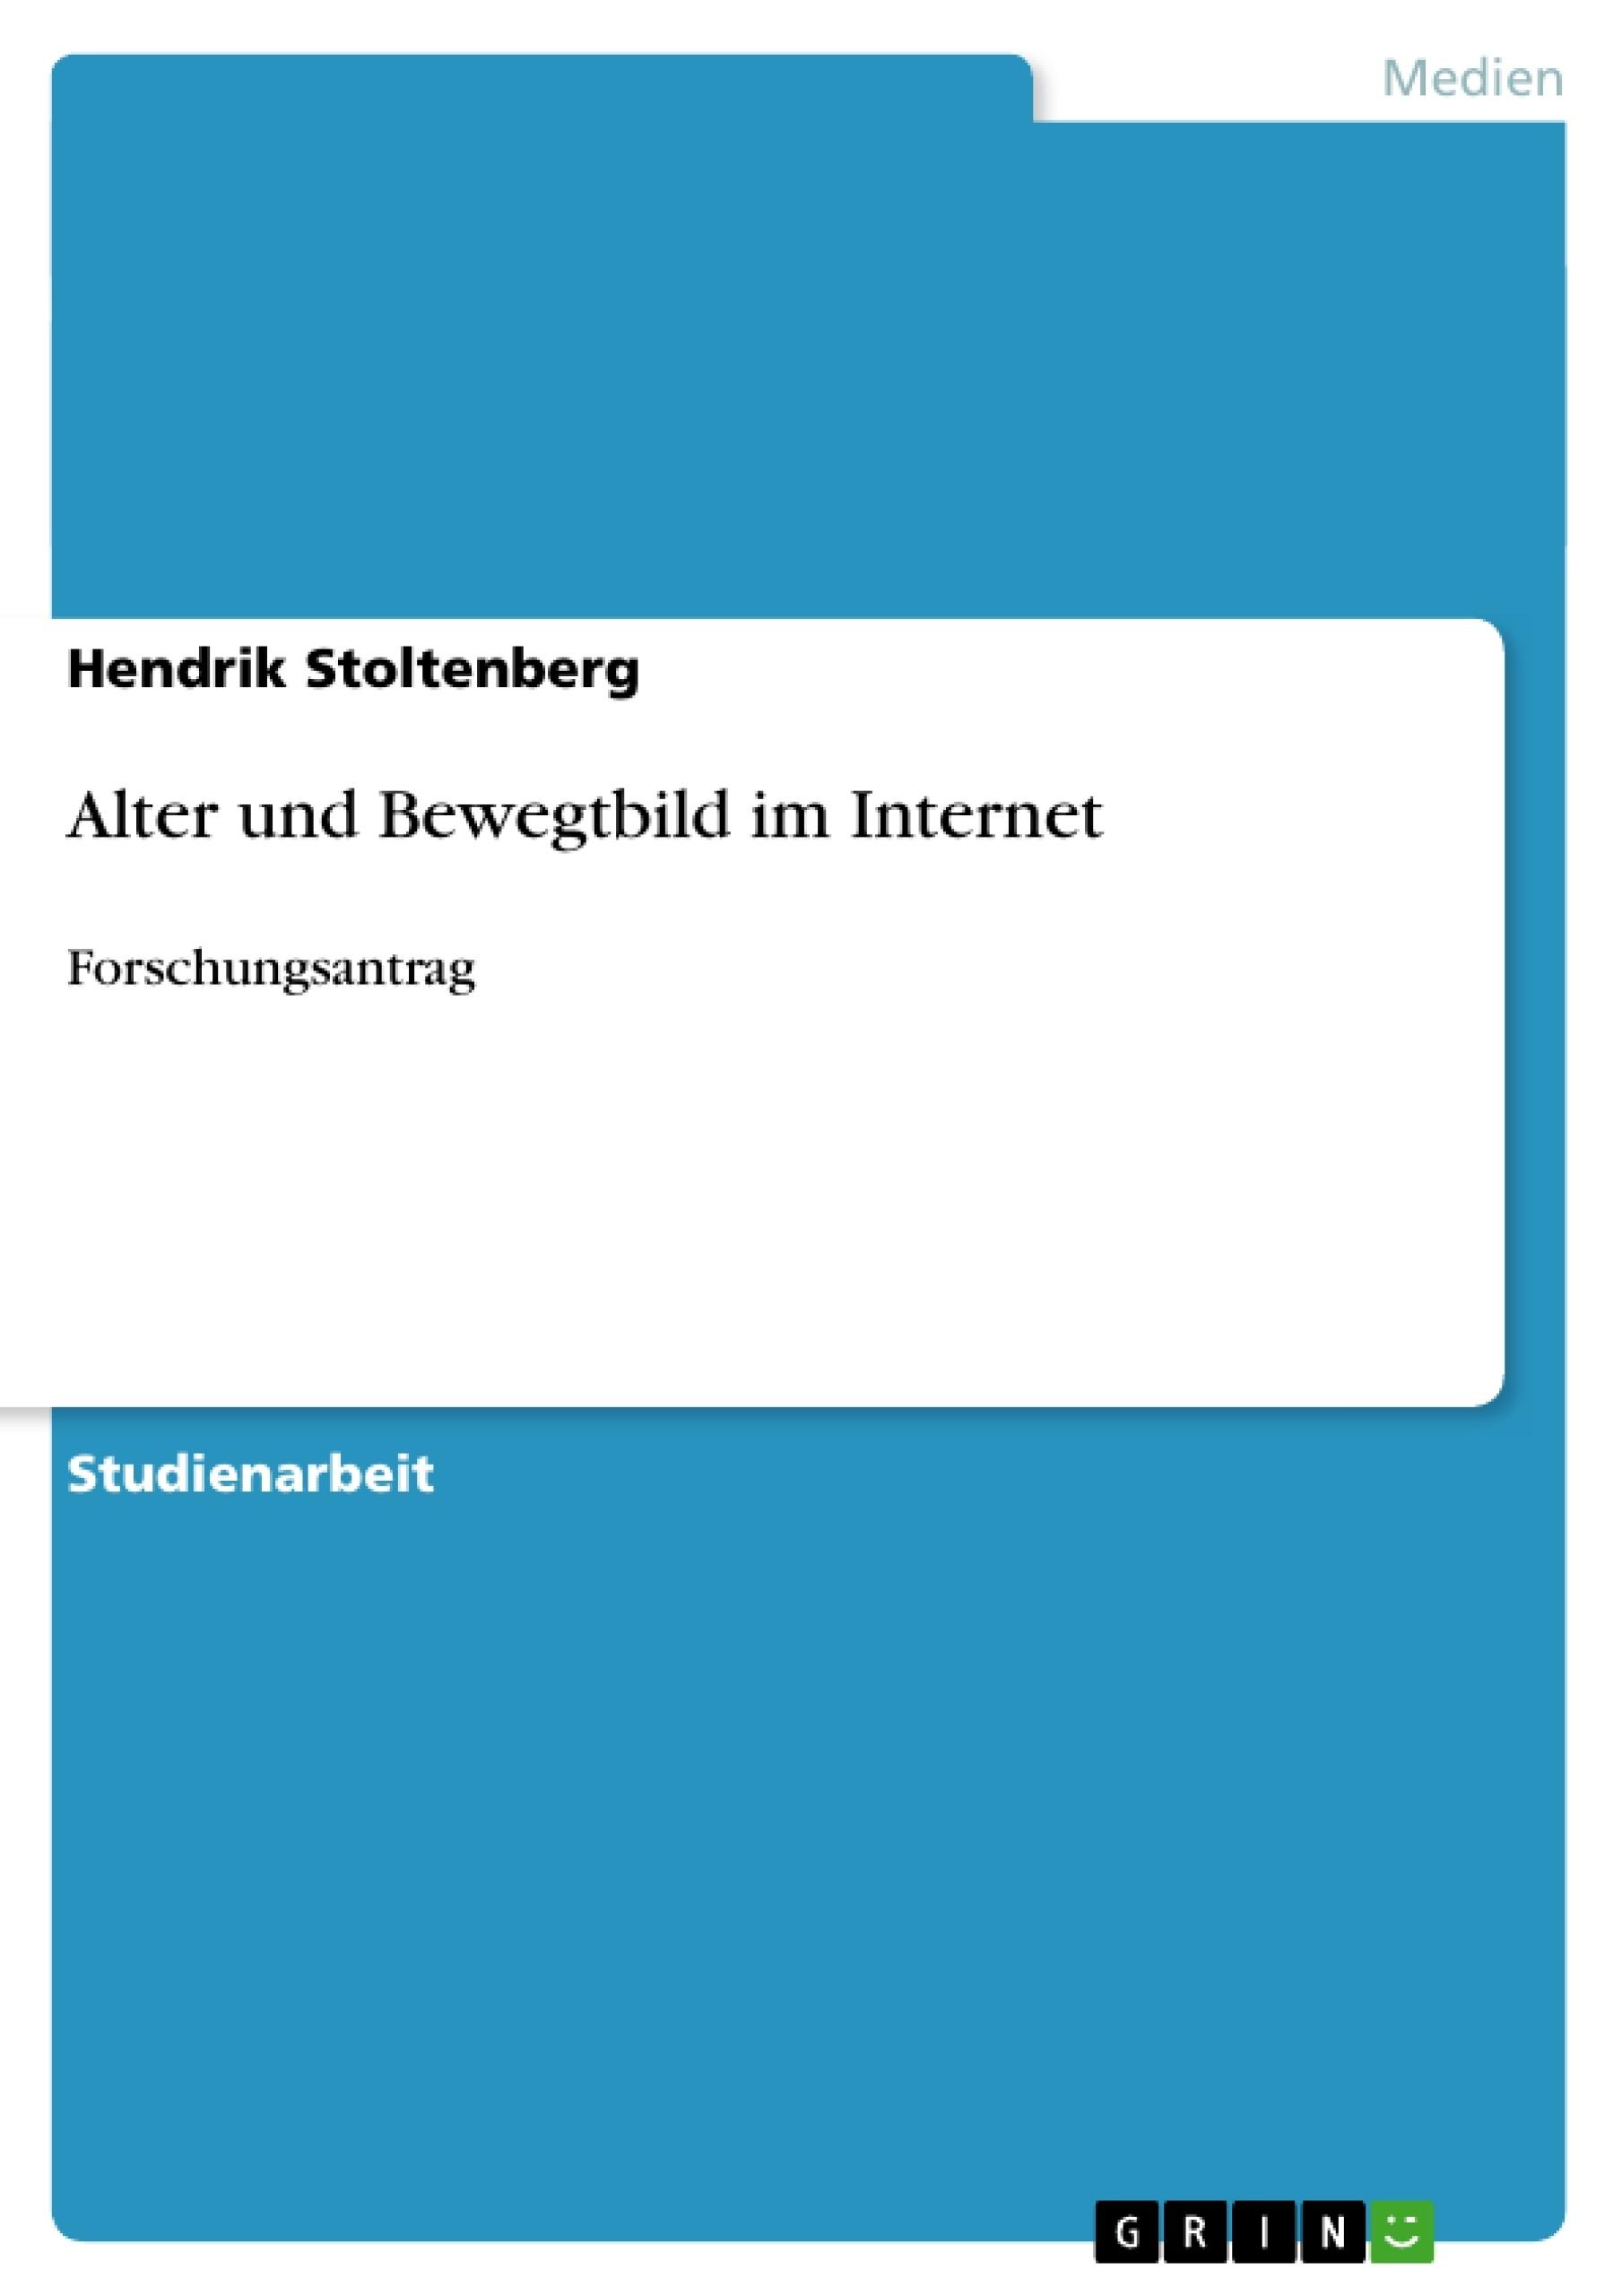 Alter und Bewegtbild im Internet | Masterarbeit, Hausarbeit ...